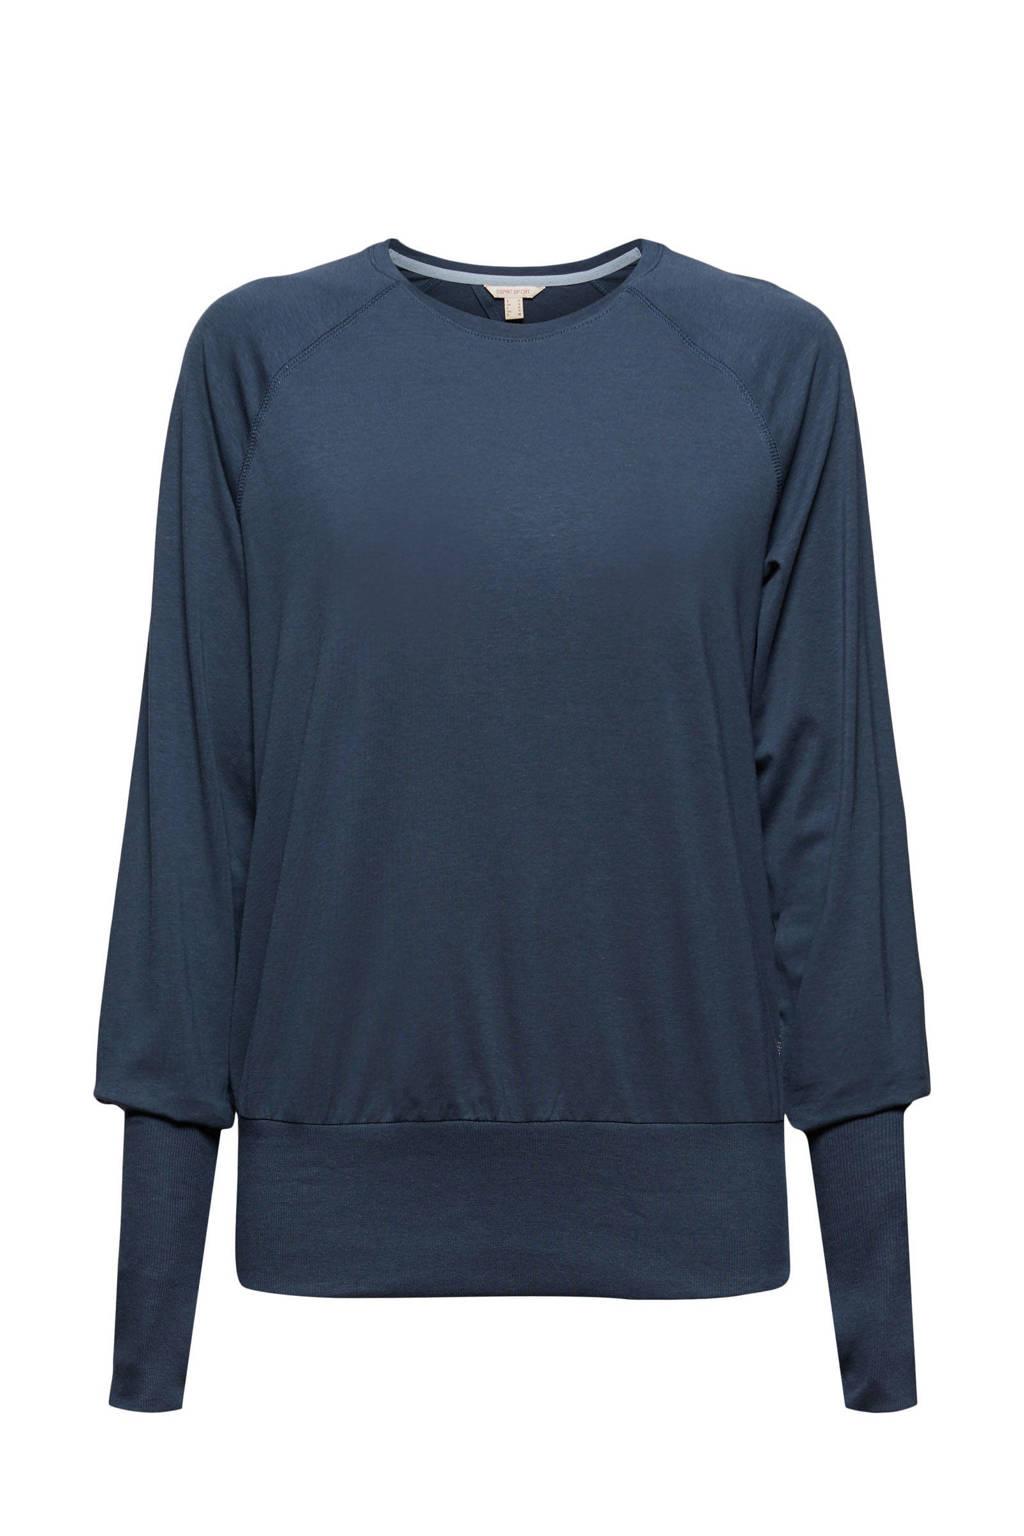 ESPRIT Women Sports sportshirt donkerblauw, Donkerblauw